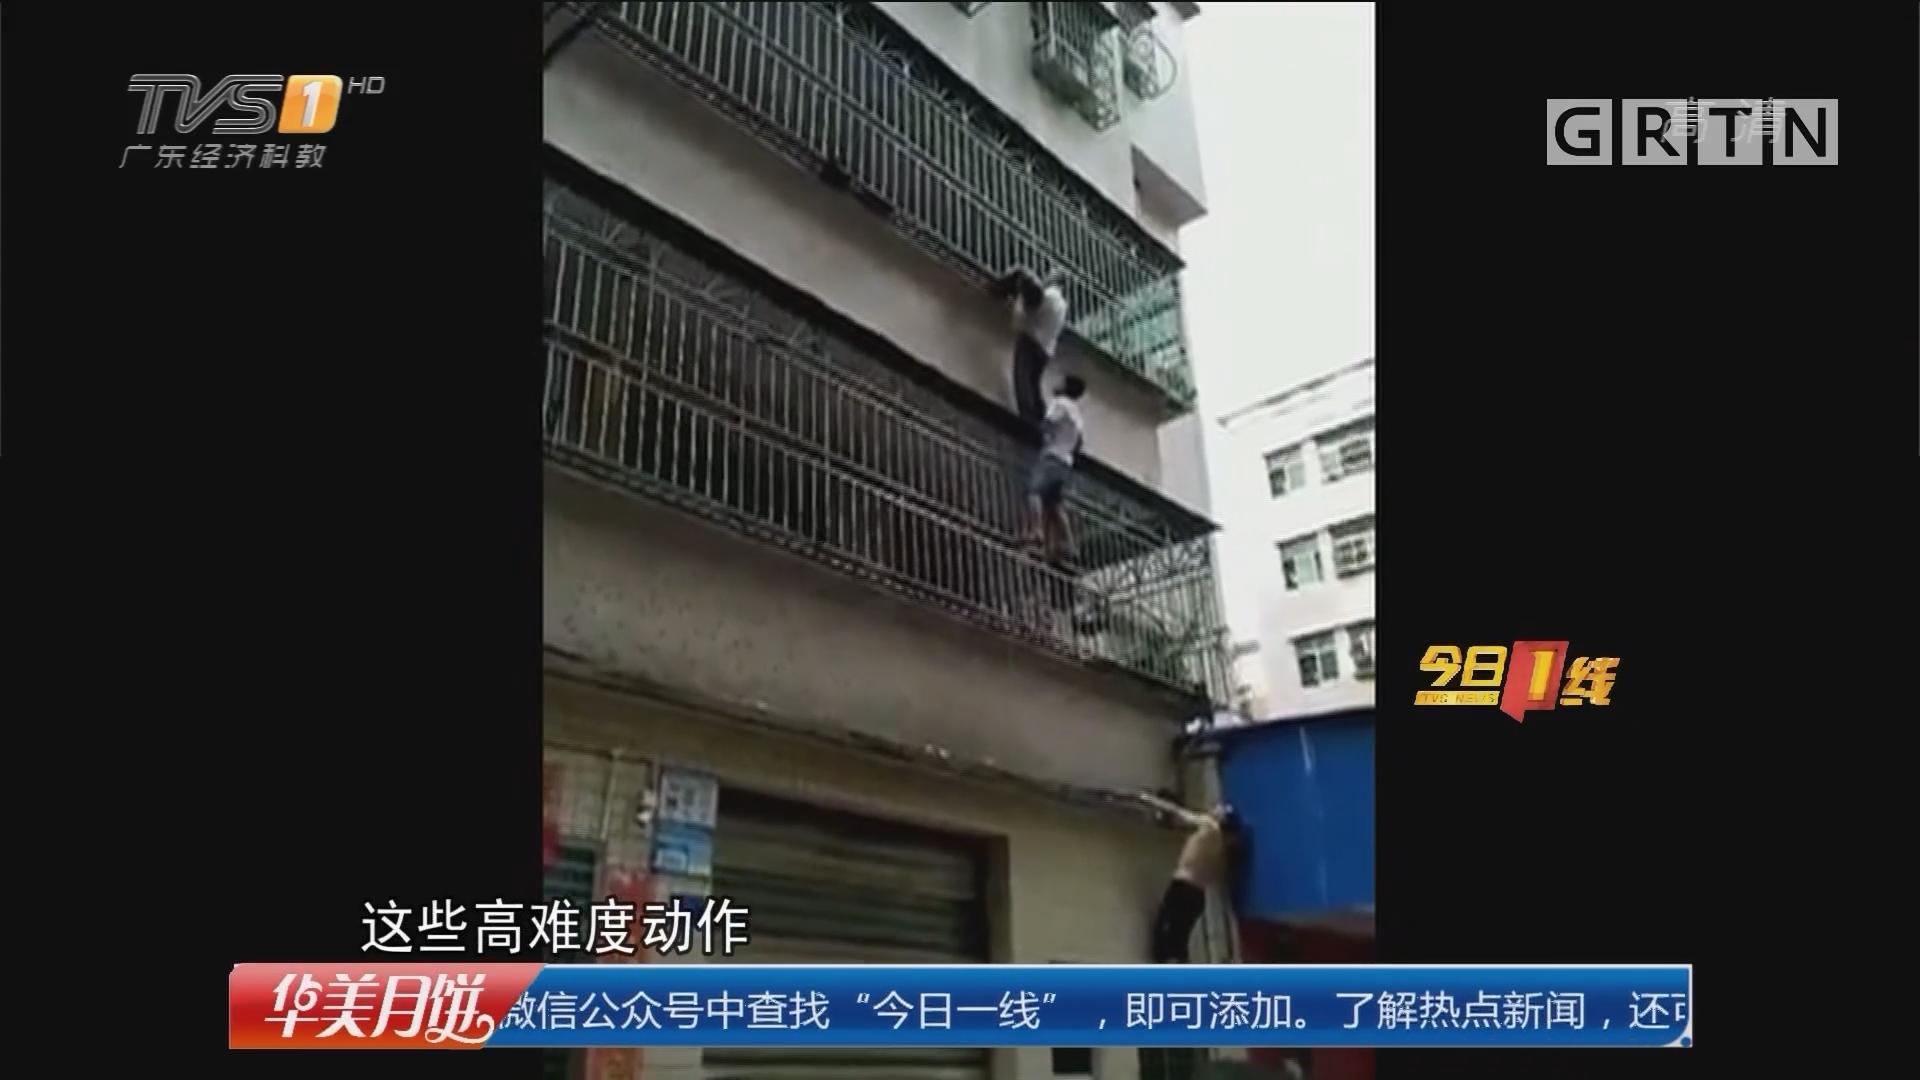 """系列专栏""""温度"""":深圳 小男孩命悬一线 众邻居涉险攀爬救人"""